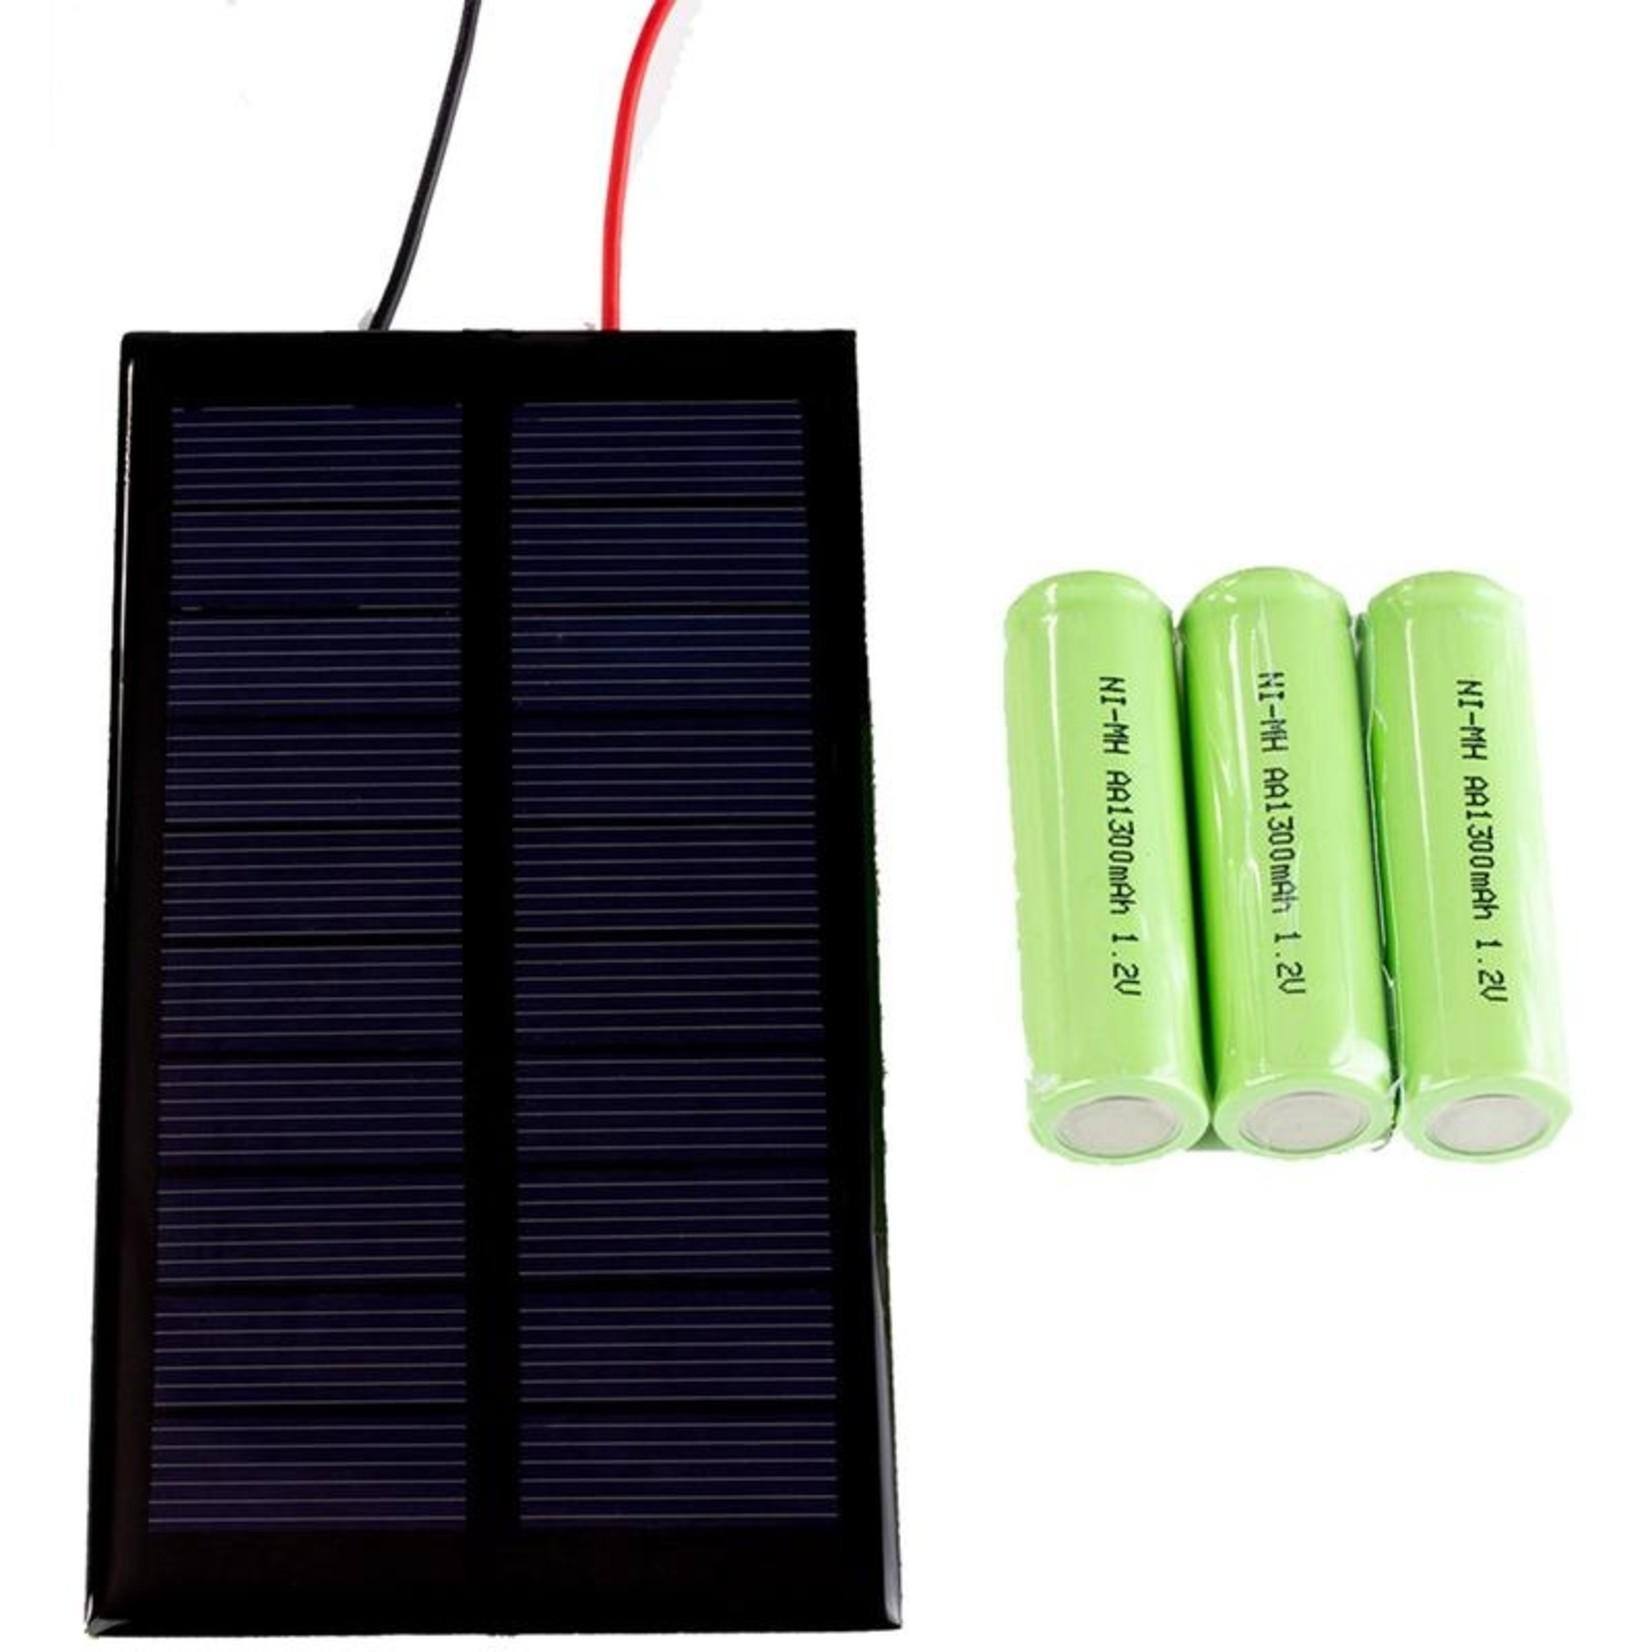 Kitronik Solar Cell kit for the Kitronik Environmental Control Board